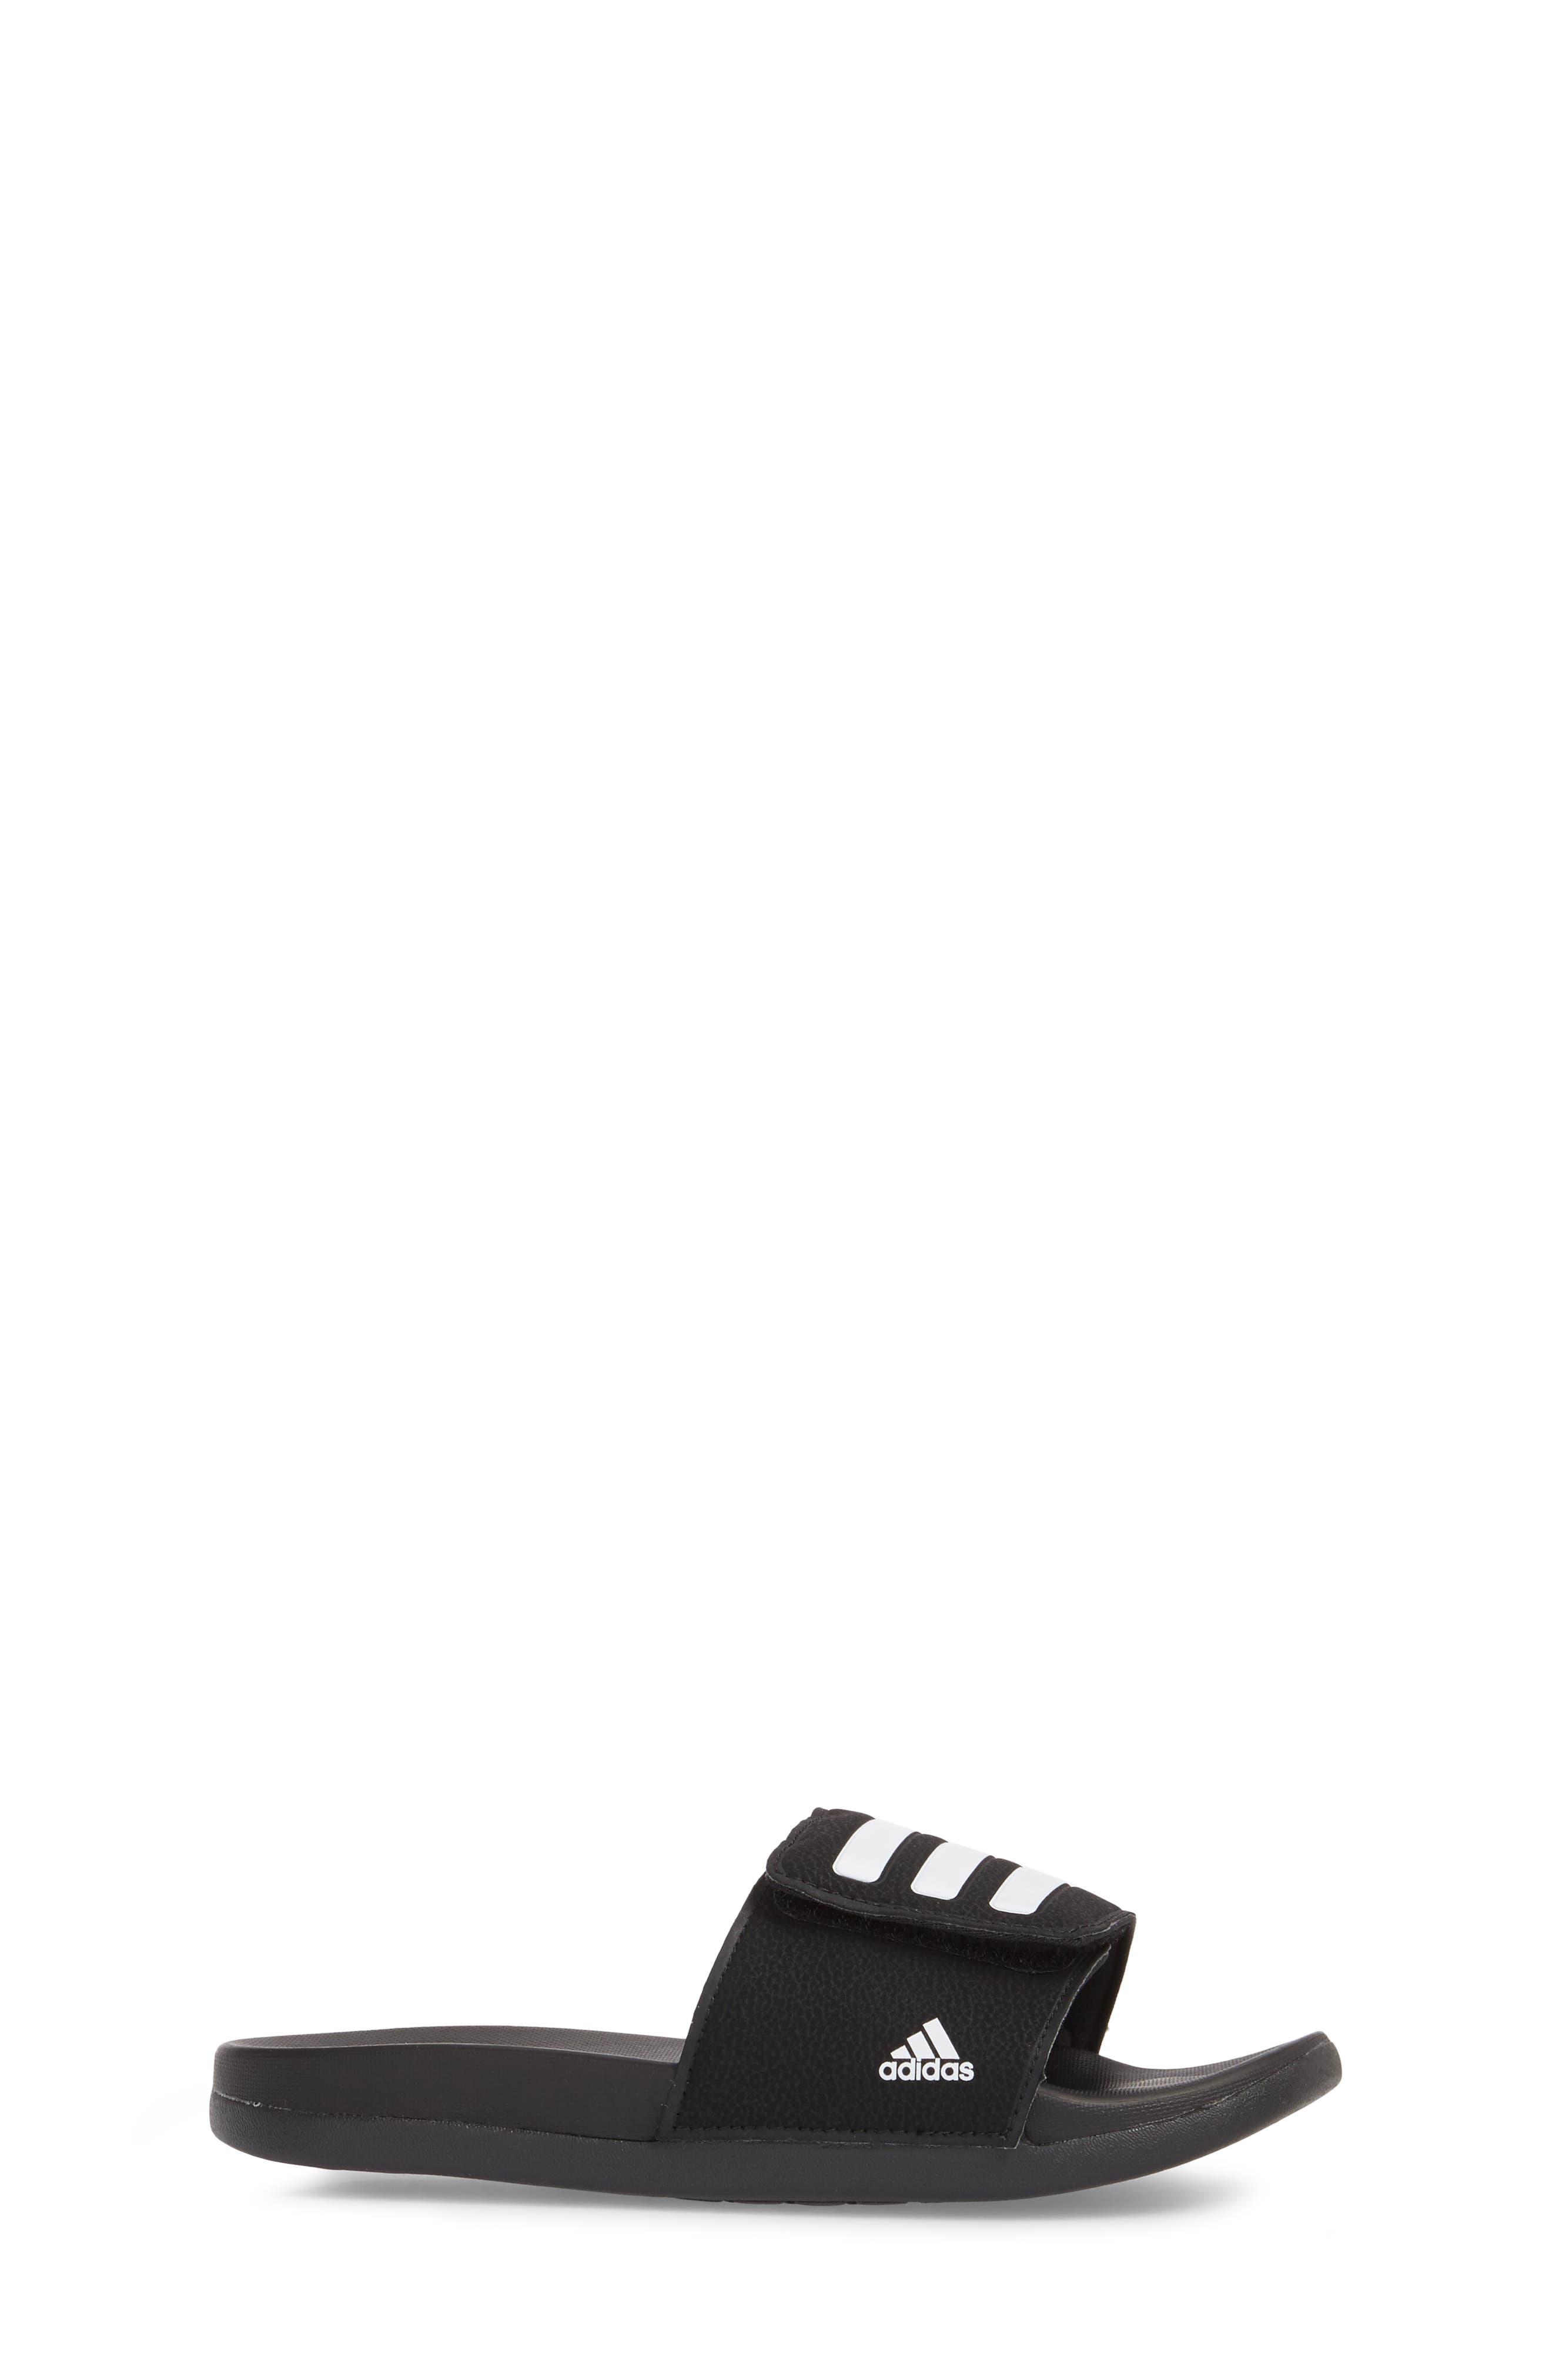 Adilette Slide Sandal,                             Alternate thumbnail 3, color,                             BLACK/ WHITE